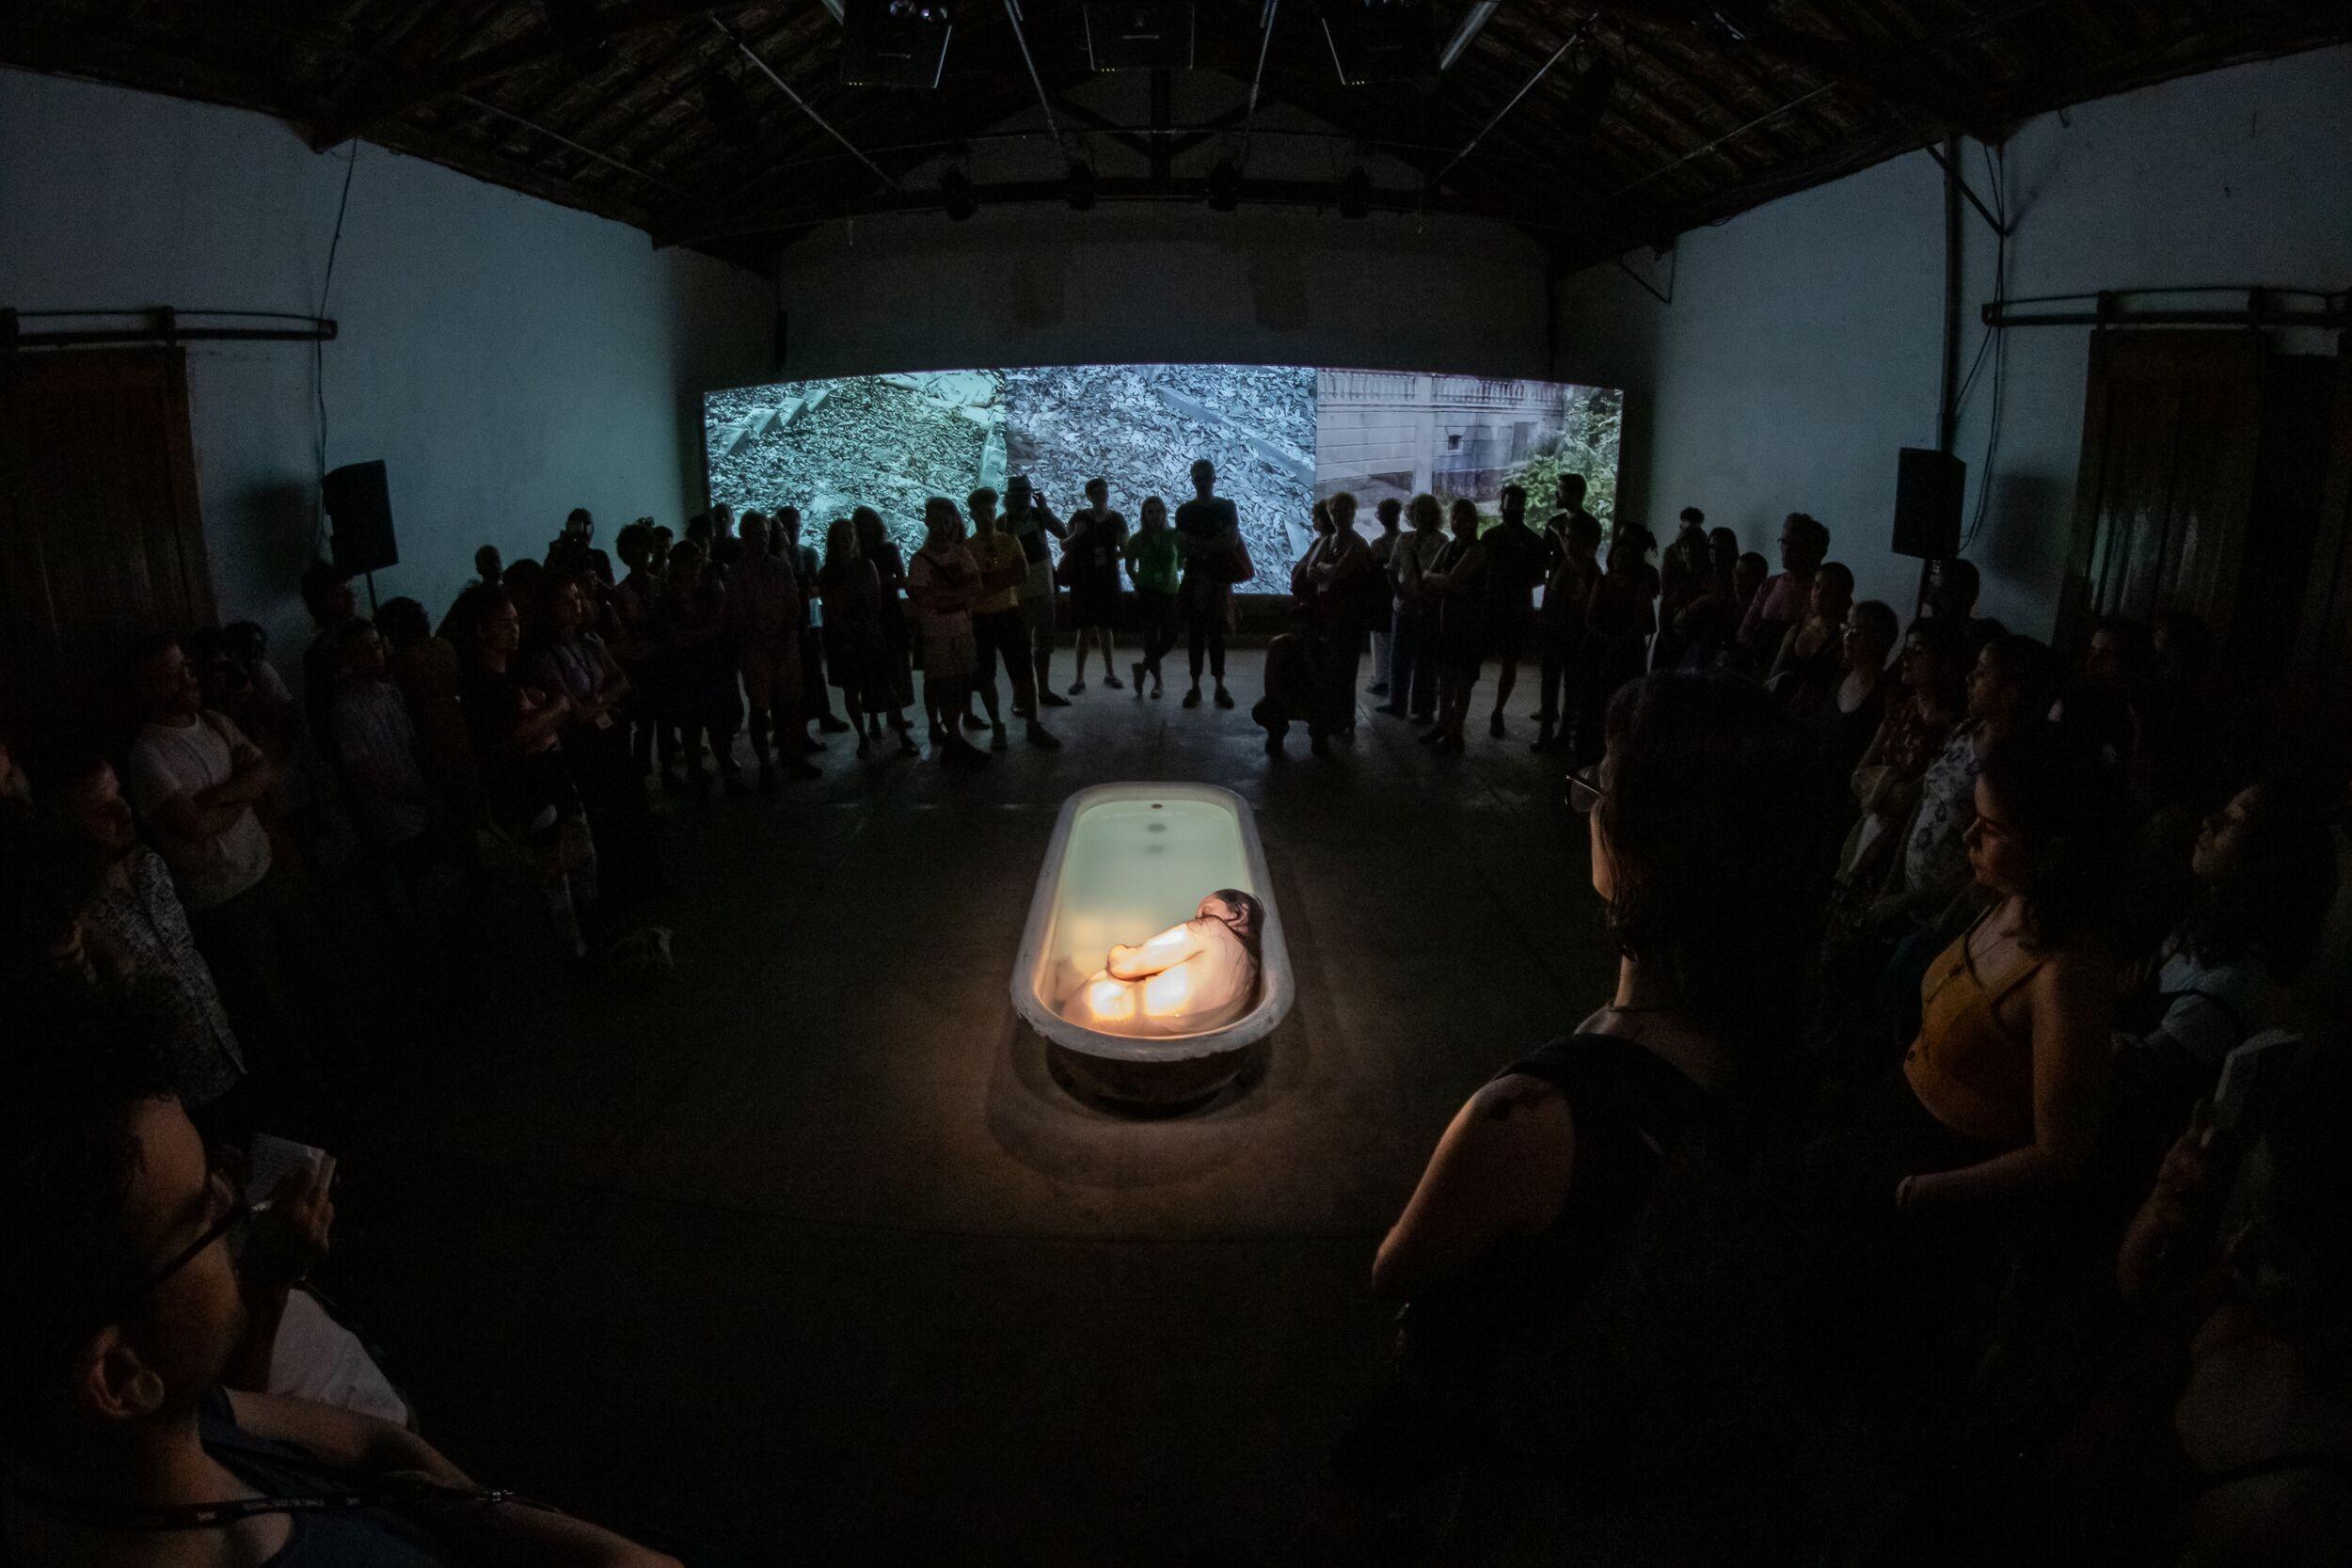 Bienal de Dança amplia intercâmbio de ideias com Unicamp, inspira alunos para festival e valoriza centro cultural - Notícias - Plantão Diário